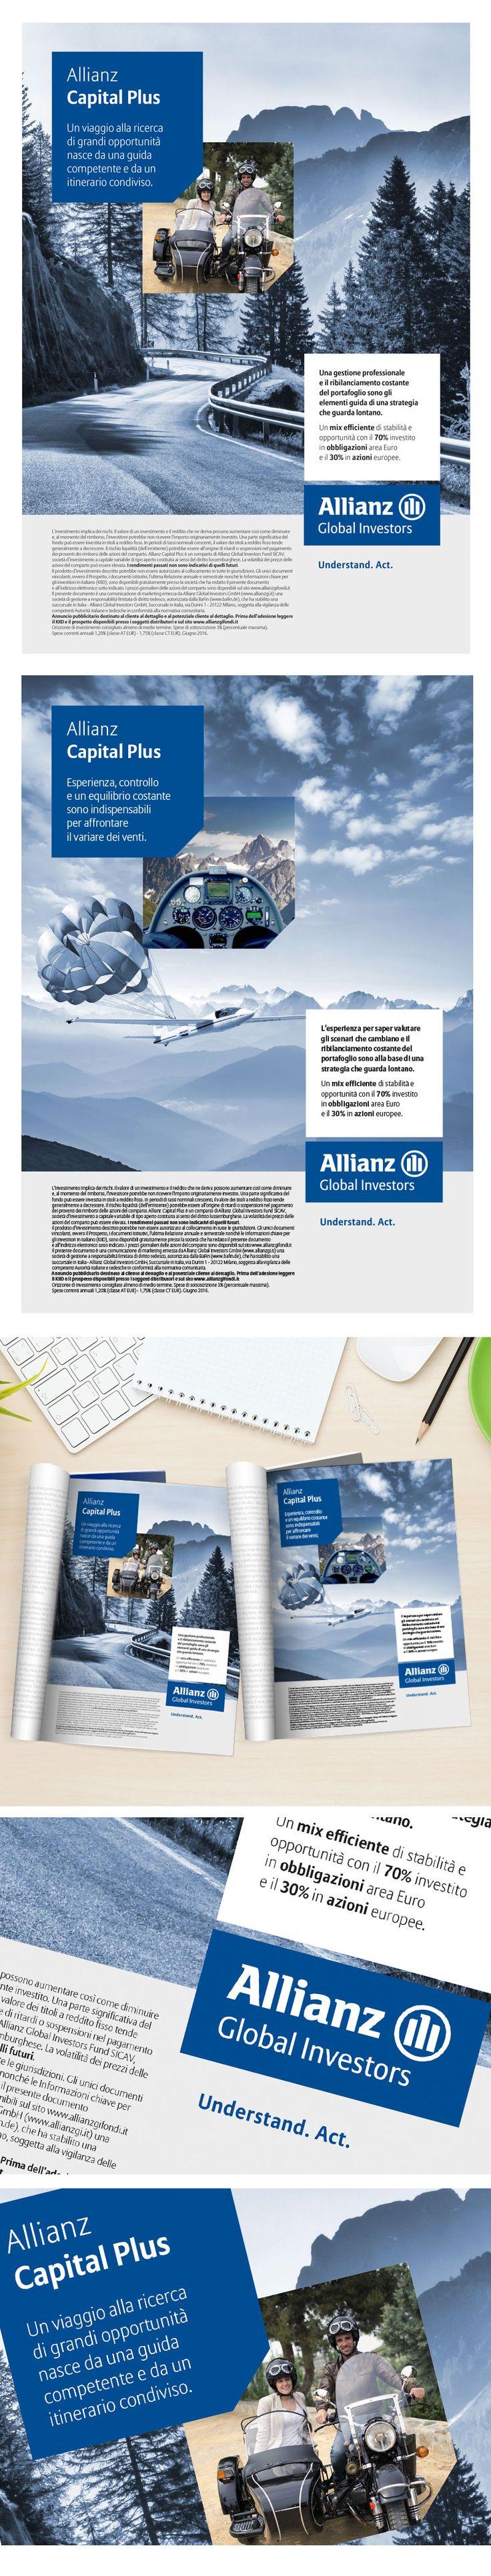 Allianz GI ha affidato a bcentric lo studio della campagna adv Capital Plus. Abilità ed esperienza per cogliere le migliori opportunità dai mercati obbligazionari sono le peculiarità che posizionano Capital Plus al top nella sua categoria. I visual scelti evocano l'equilibrio e la guida sicura per un viaggio alla ricerca di grandi opportunità in tutta sicurezza.